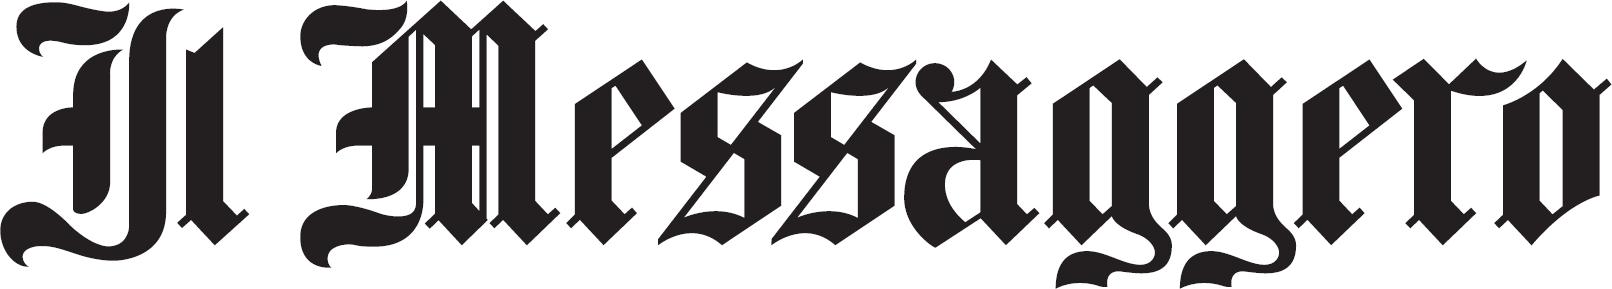 Il Messaggero Logo